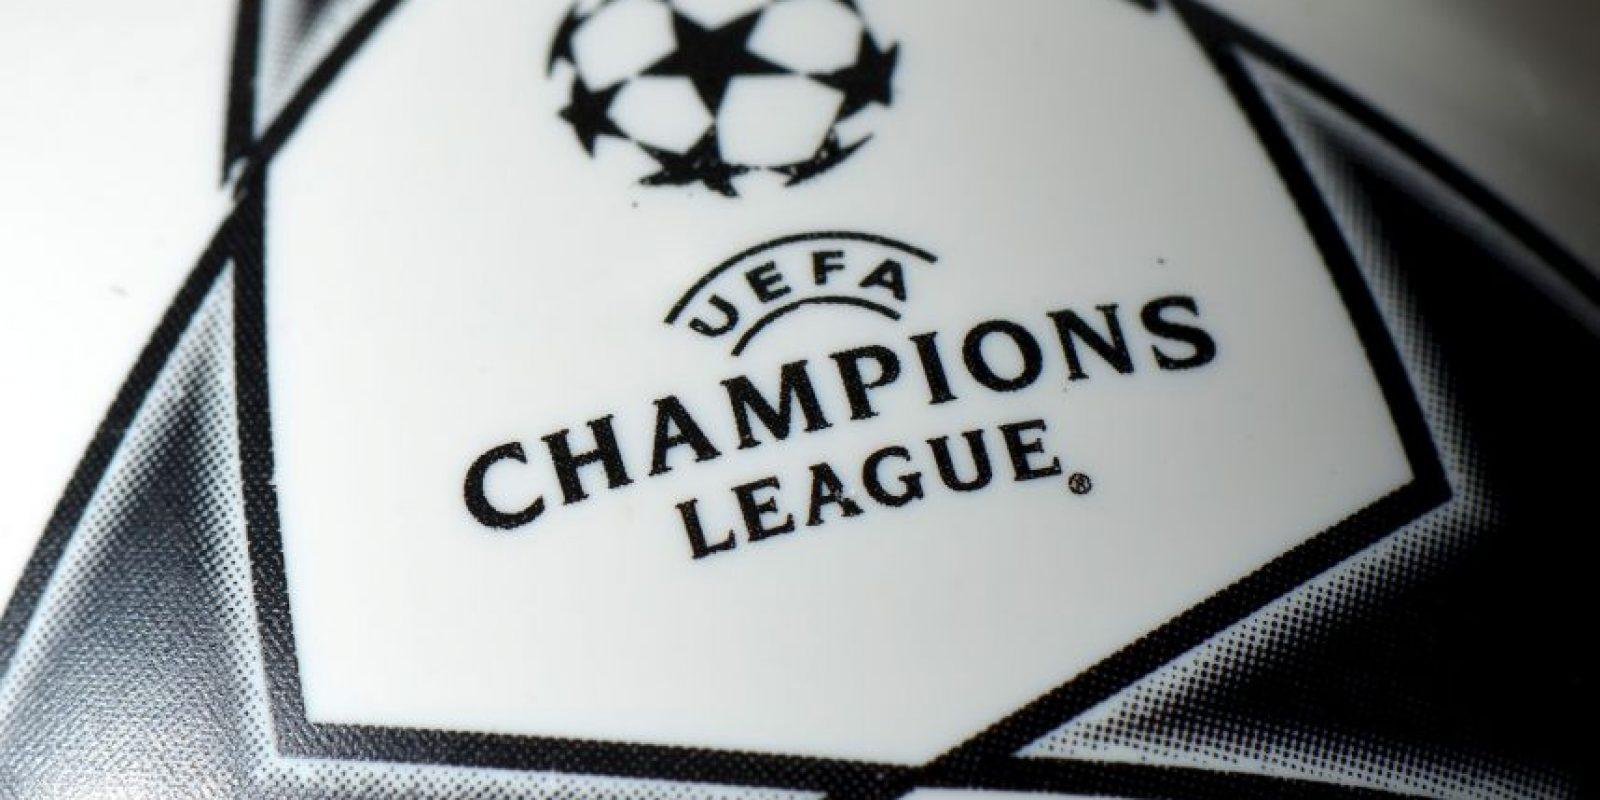 El equipo que inaugurará este lugar es el Sevilla. Foto:Getty Images